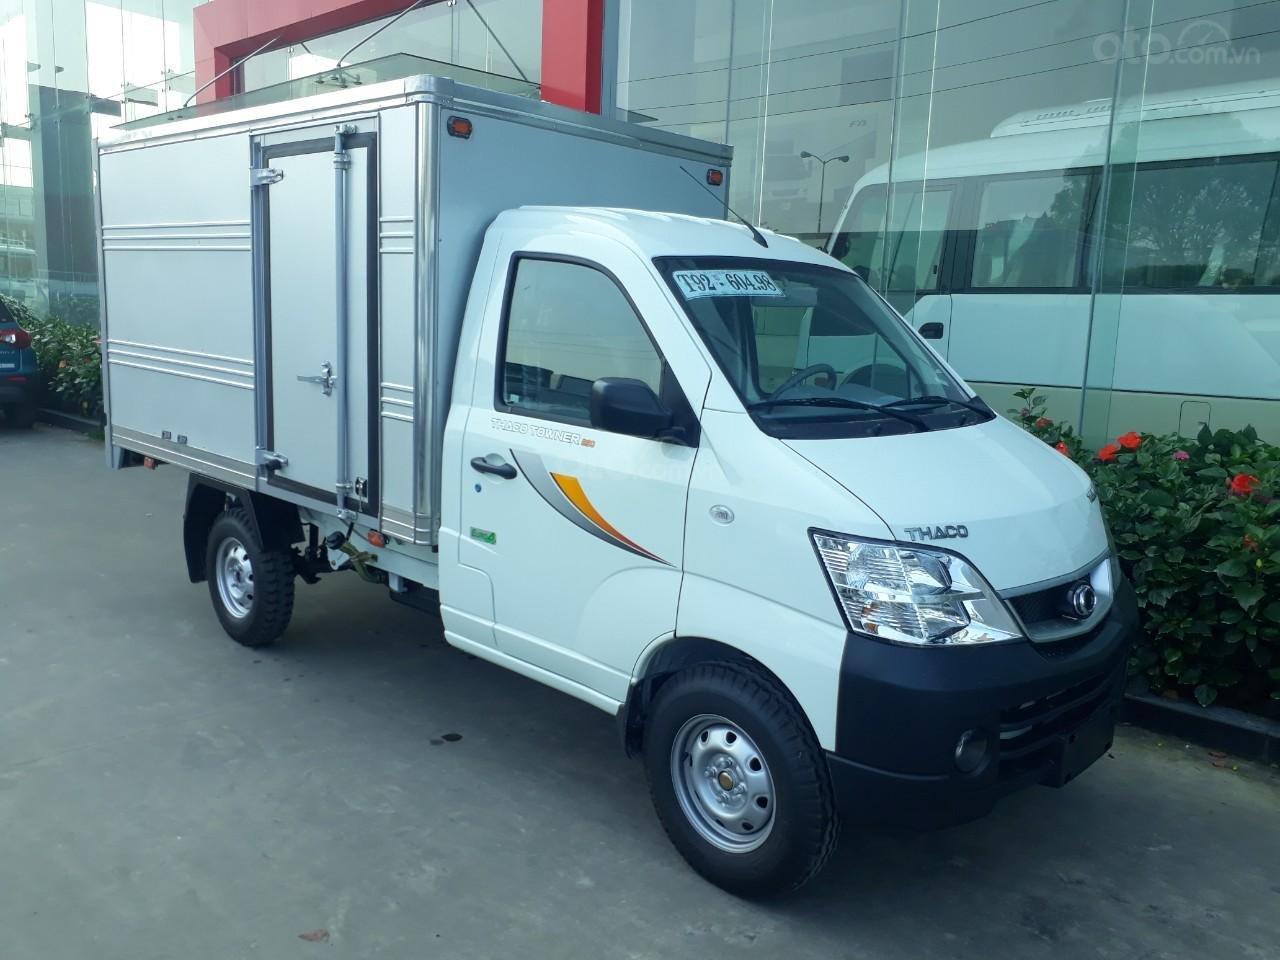 Thaco Towner 990, xe chạy phố, ưu đãi 100% thuế trước bạ, ĐK miễn phí, trả góp 60tr (3)